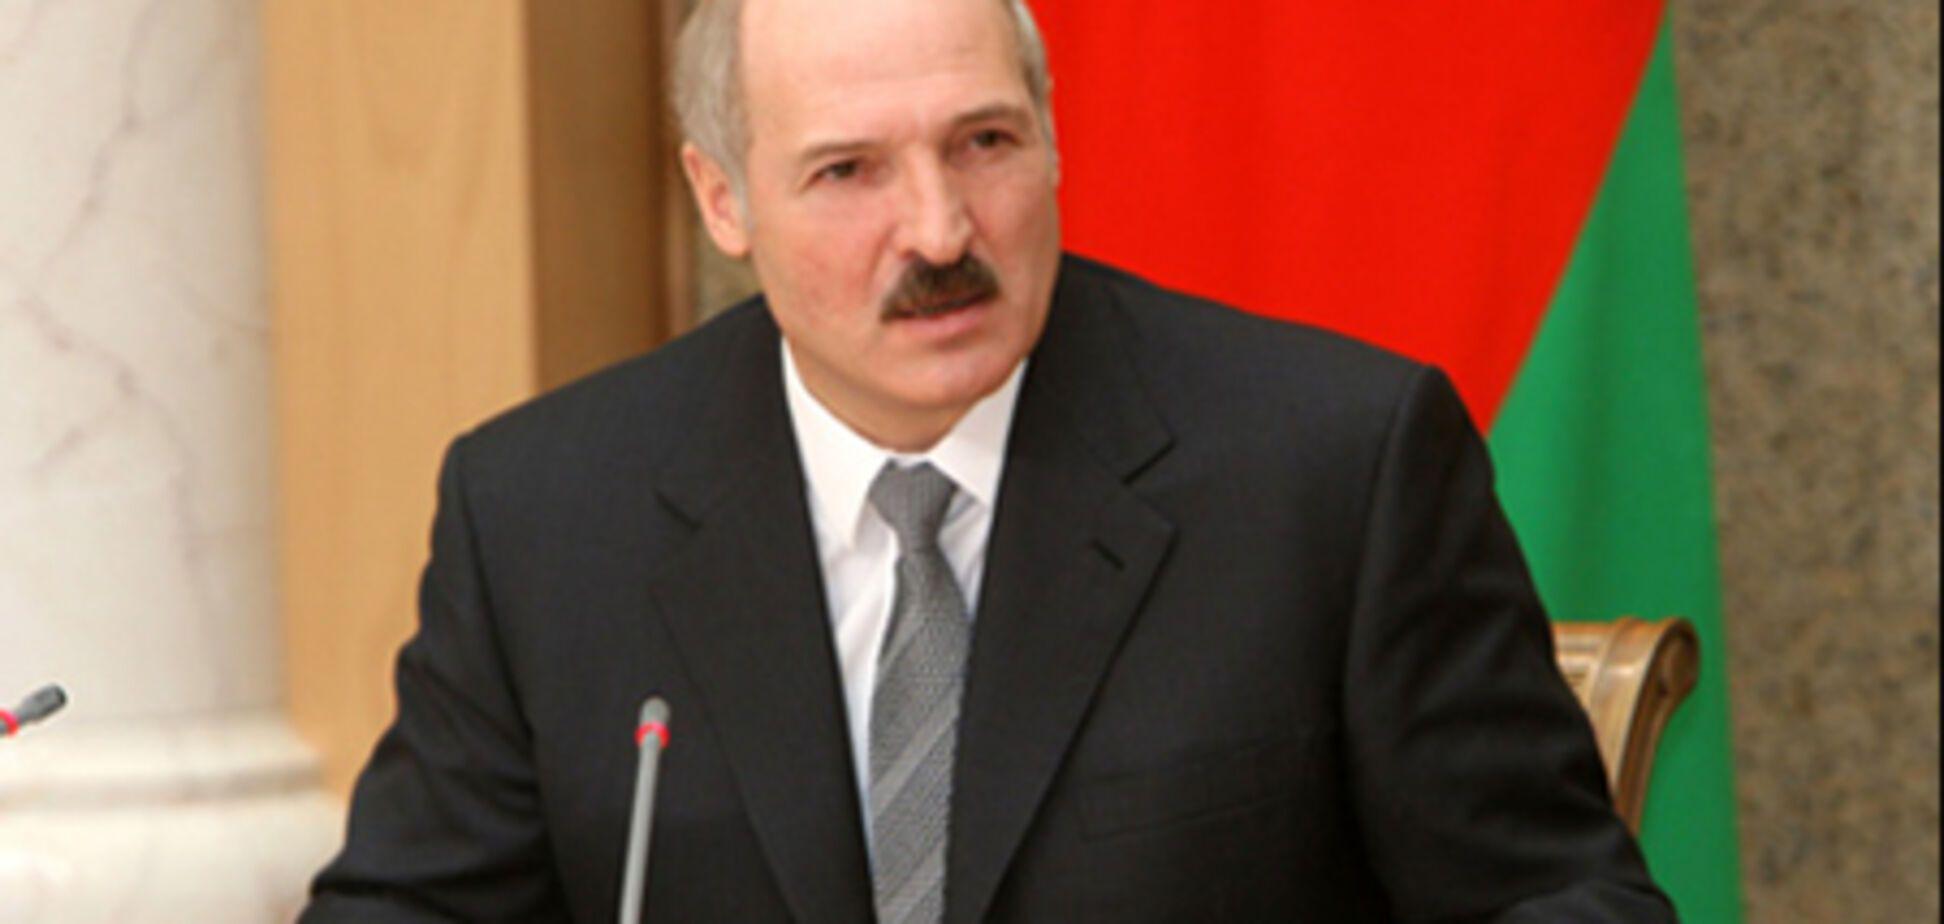 Лукашенко більше не буде брати' дурні кредити'